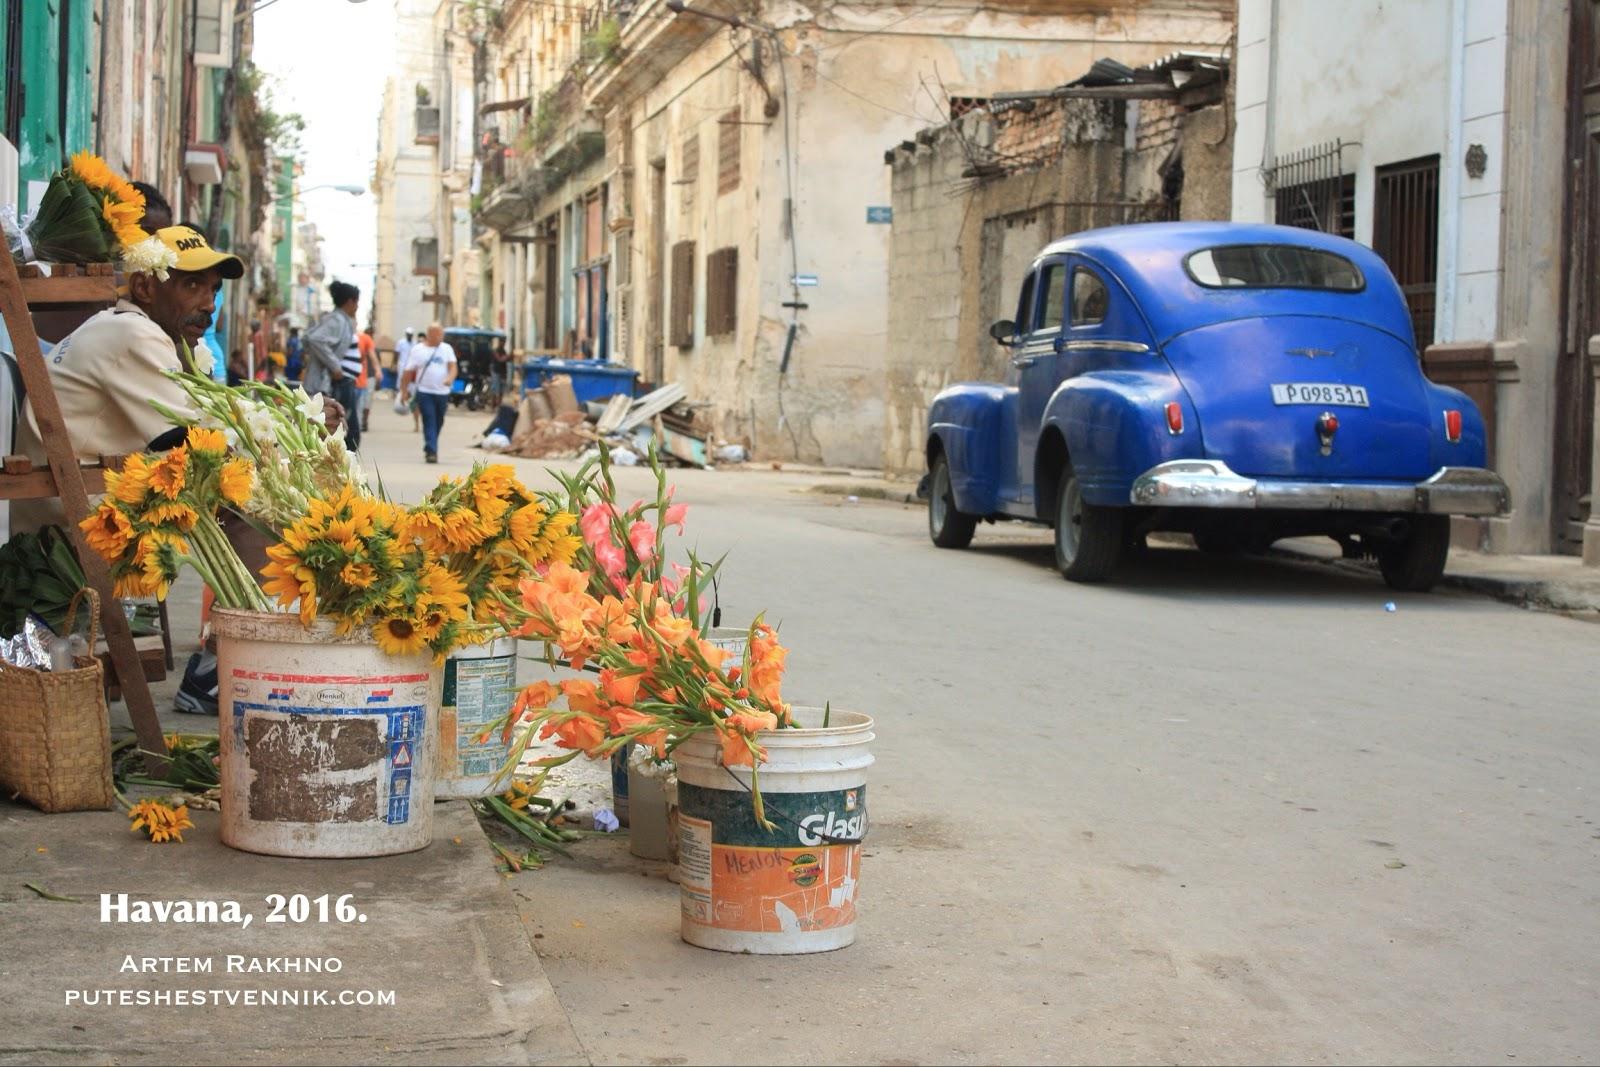 Цветы и старинное авто в Гаване